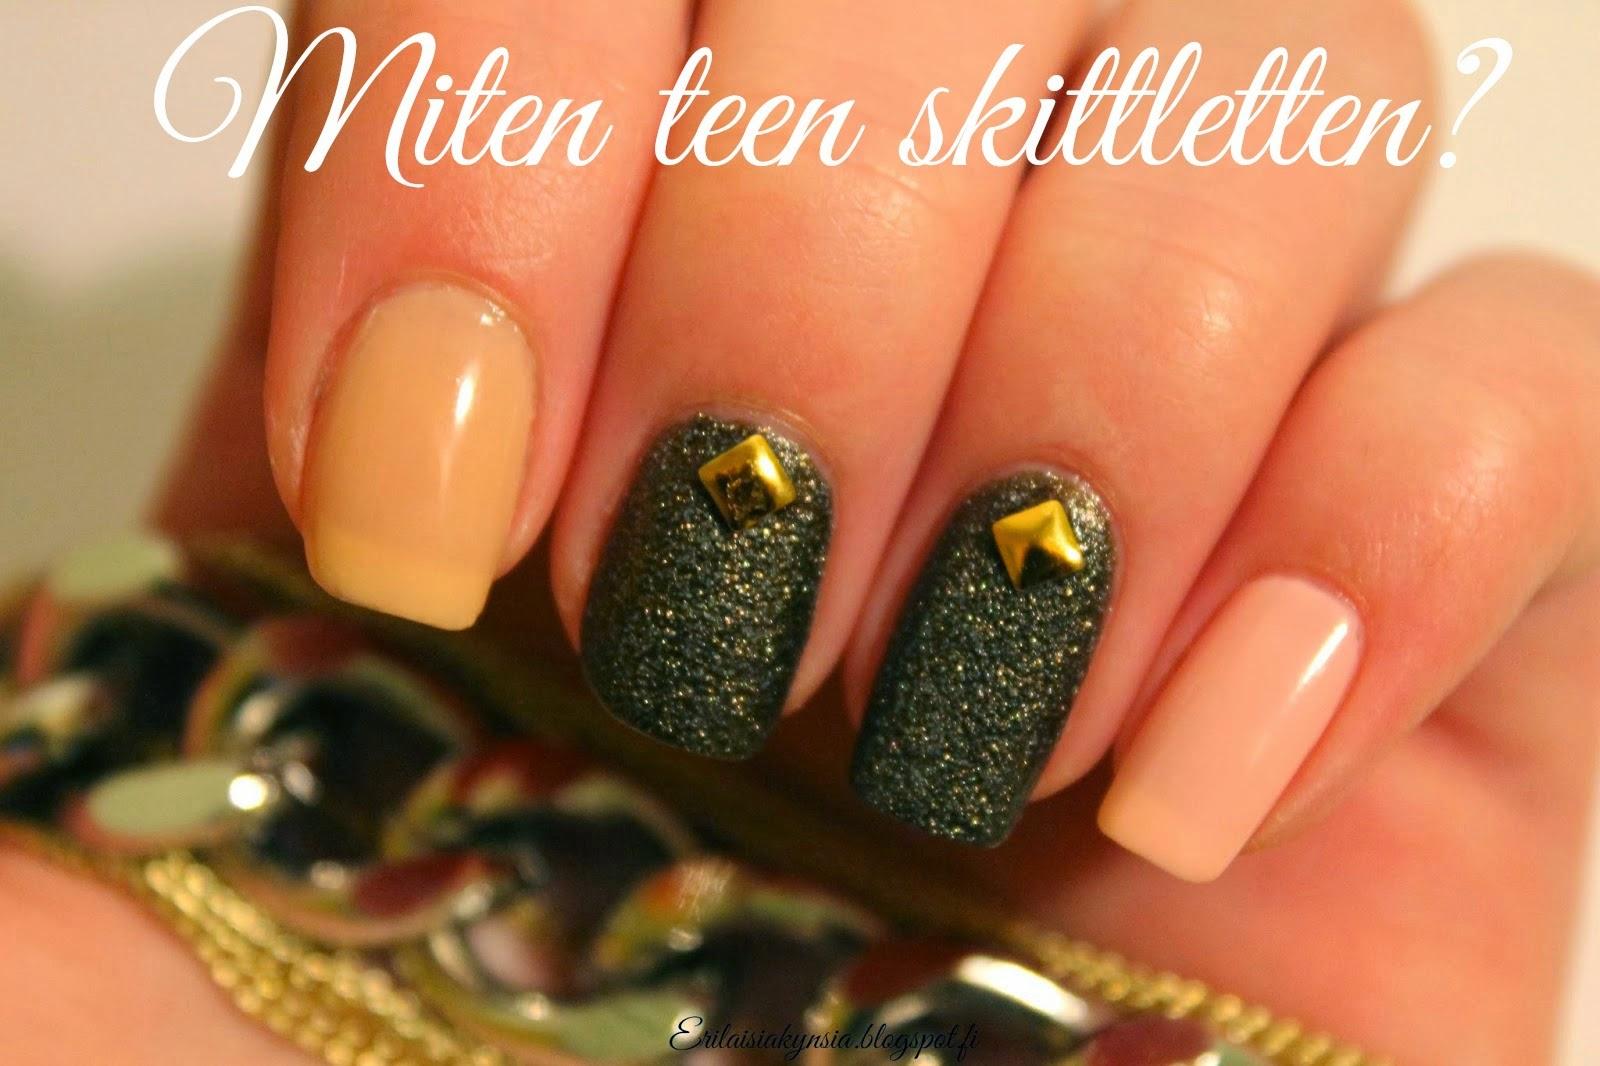 http://erilaisiakynsia.blogspot.fi/2014/02/138-miten-teen-skittletten.html